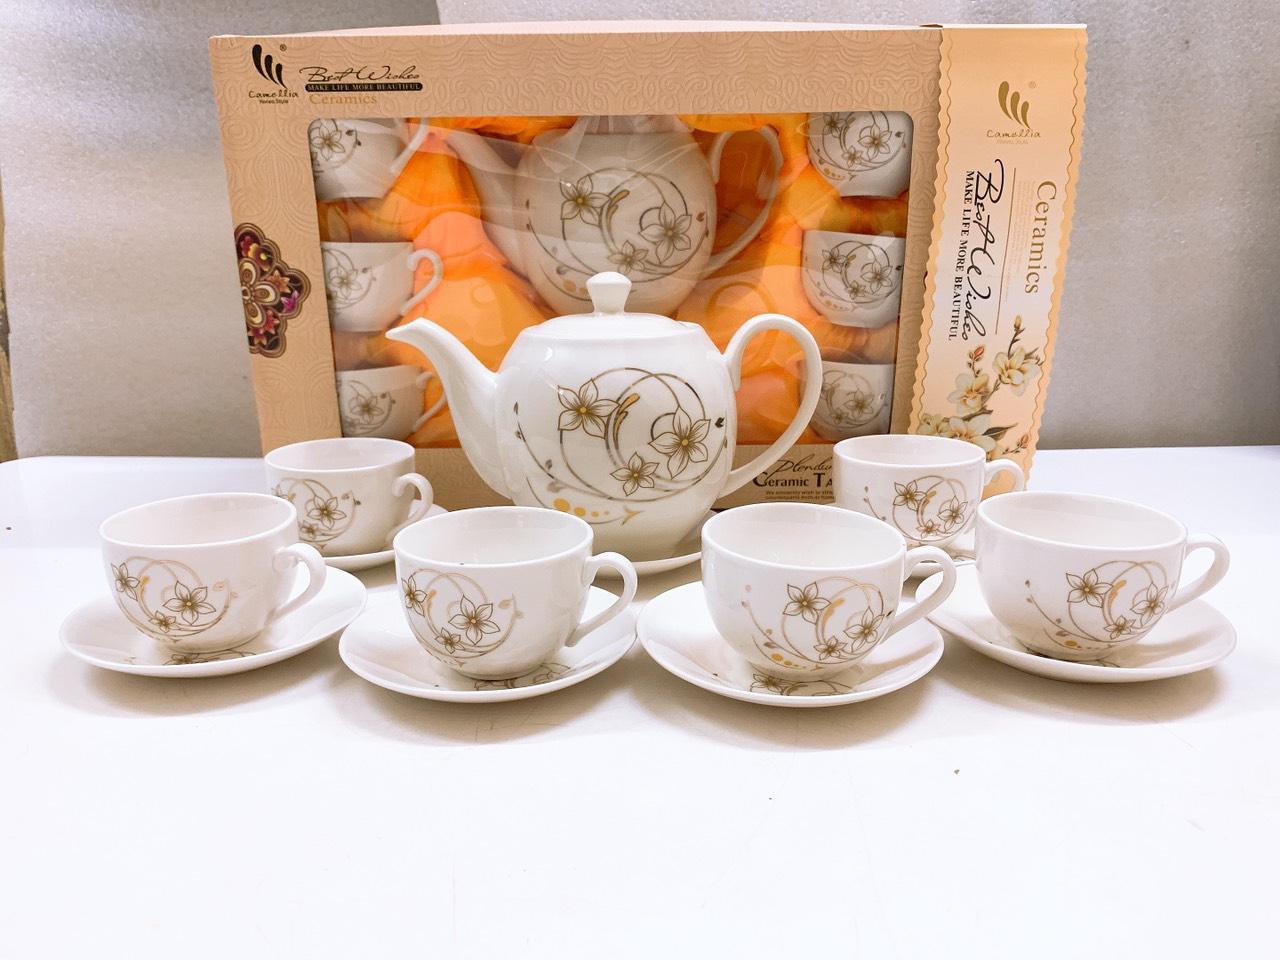 Bộ ấm chén  pha trà  kèm 7 đĩa CAMELLIA họa tiết hoa dây bạc sang trọng - ANTH240